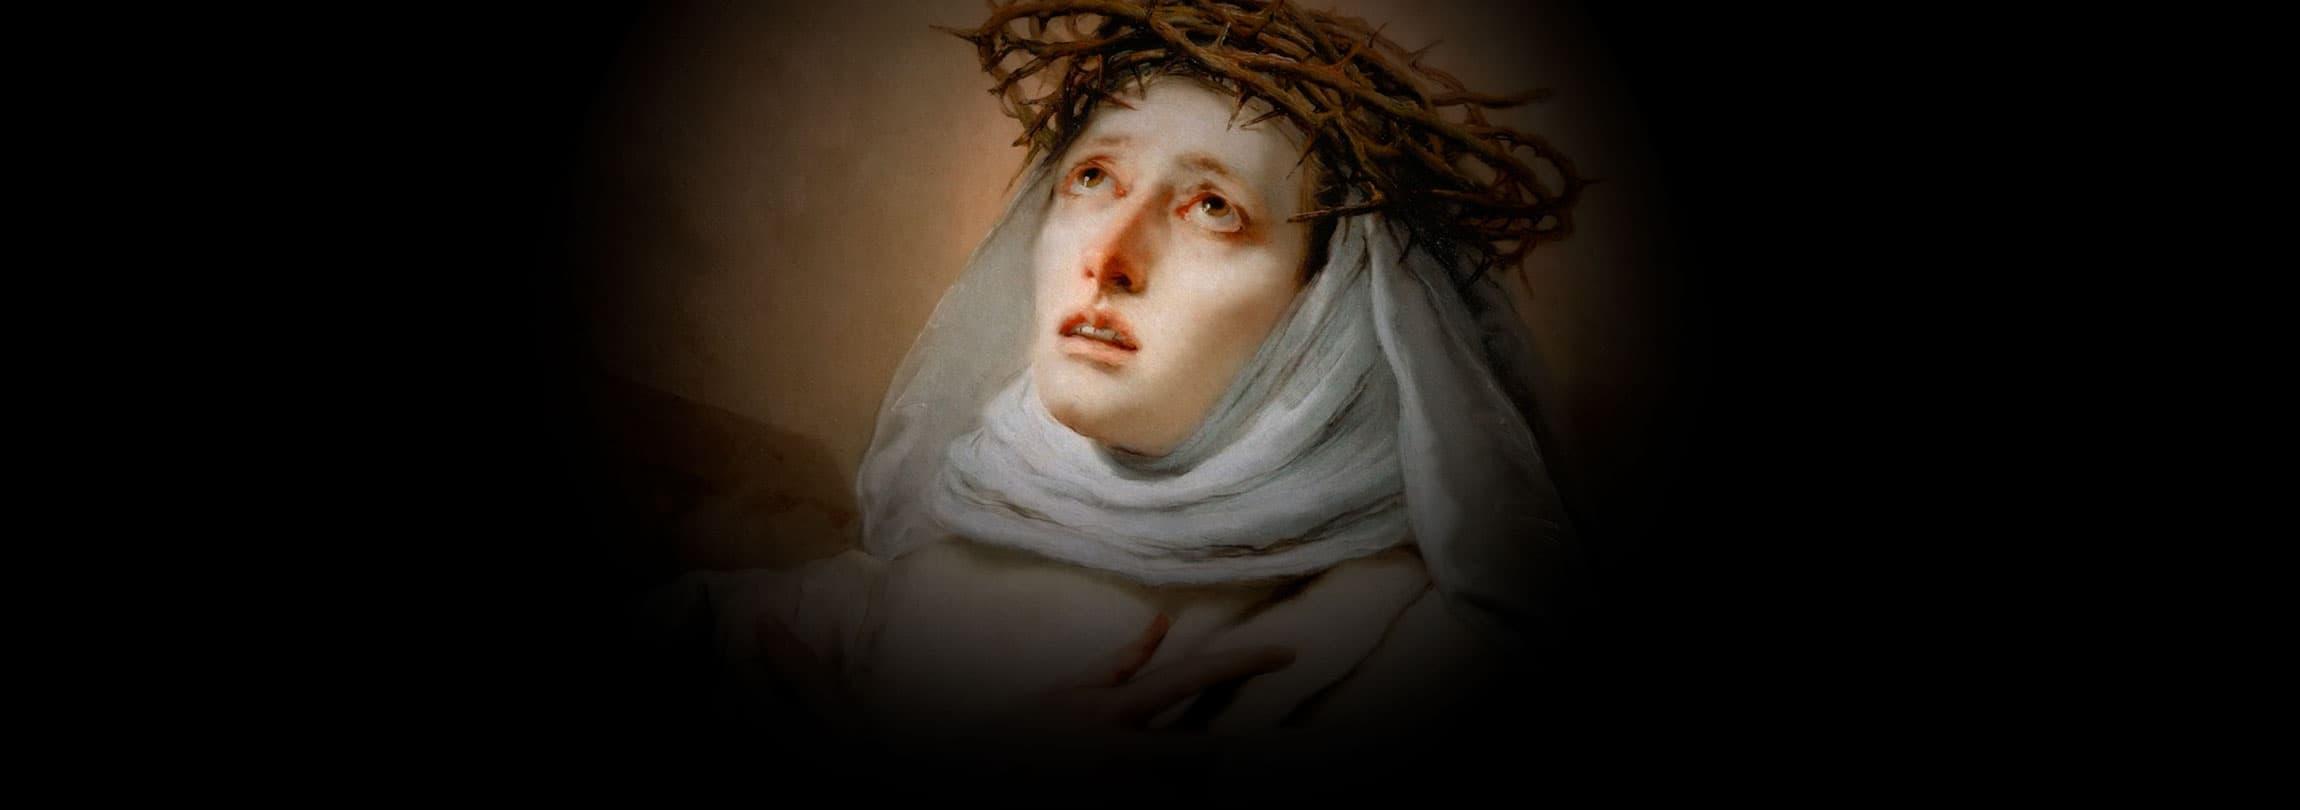 O dia em que o padre negou a Comunhão a uma santa